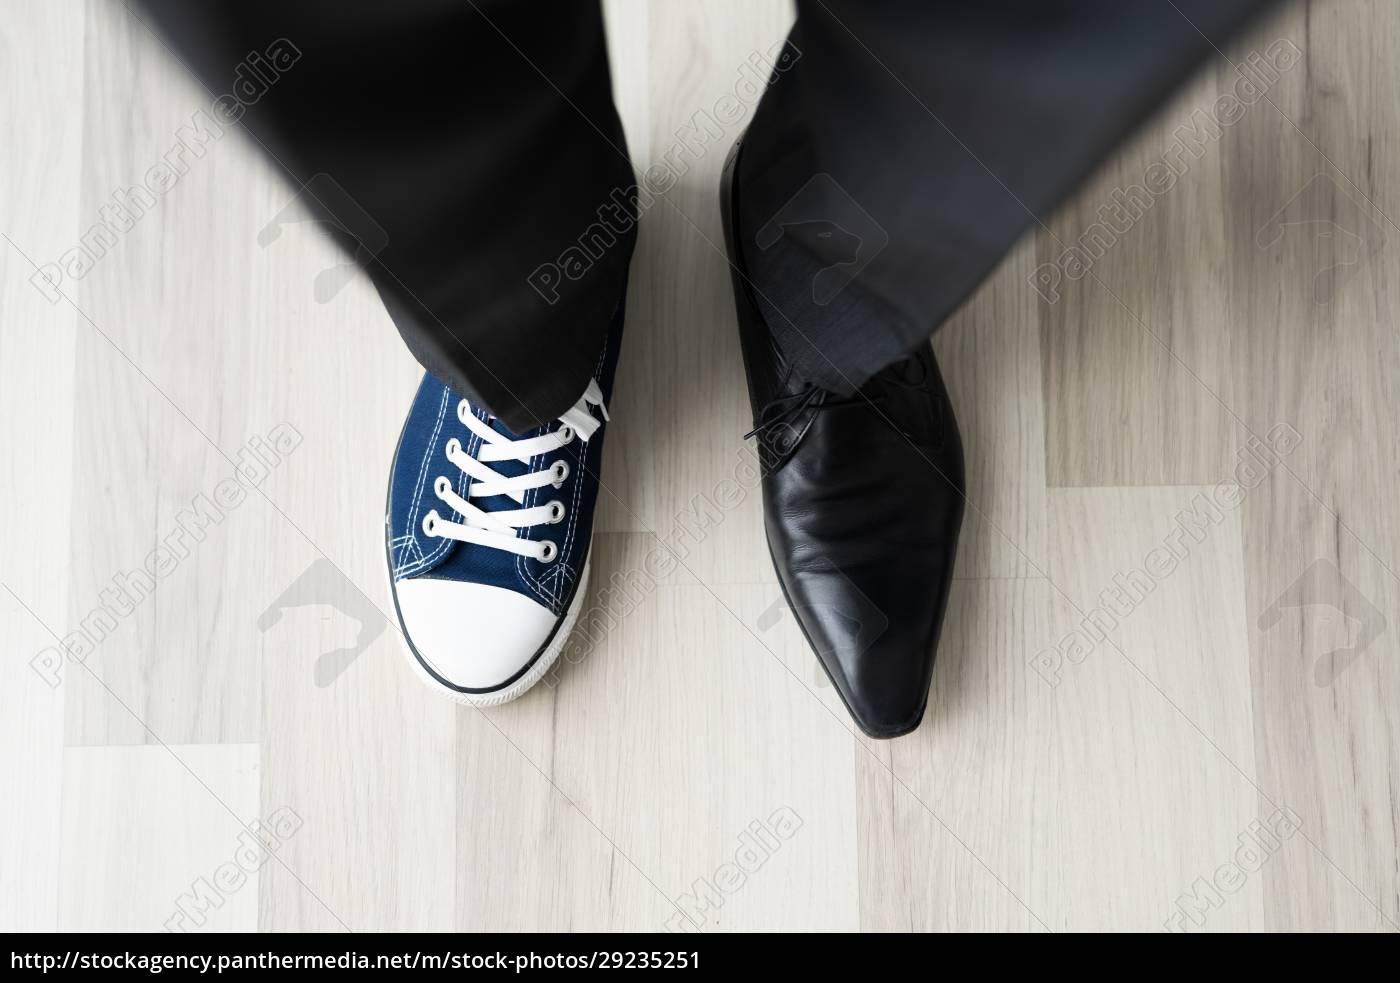 równowaga, między, życiem, zawodowym, a, prywatnym - 29235251